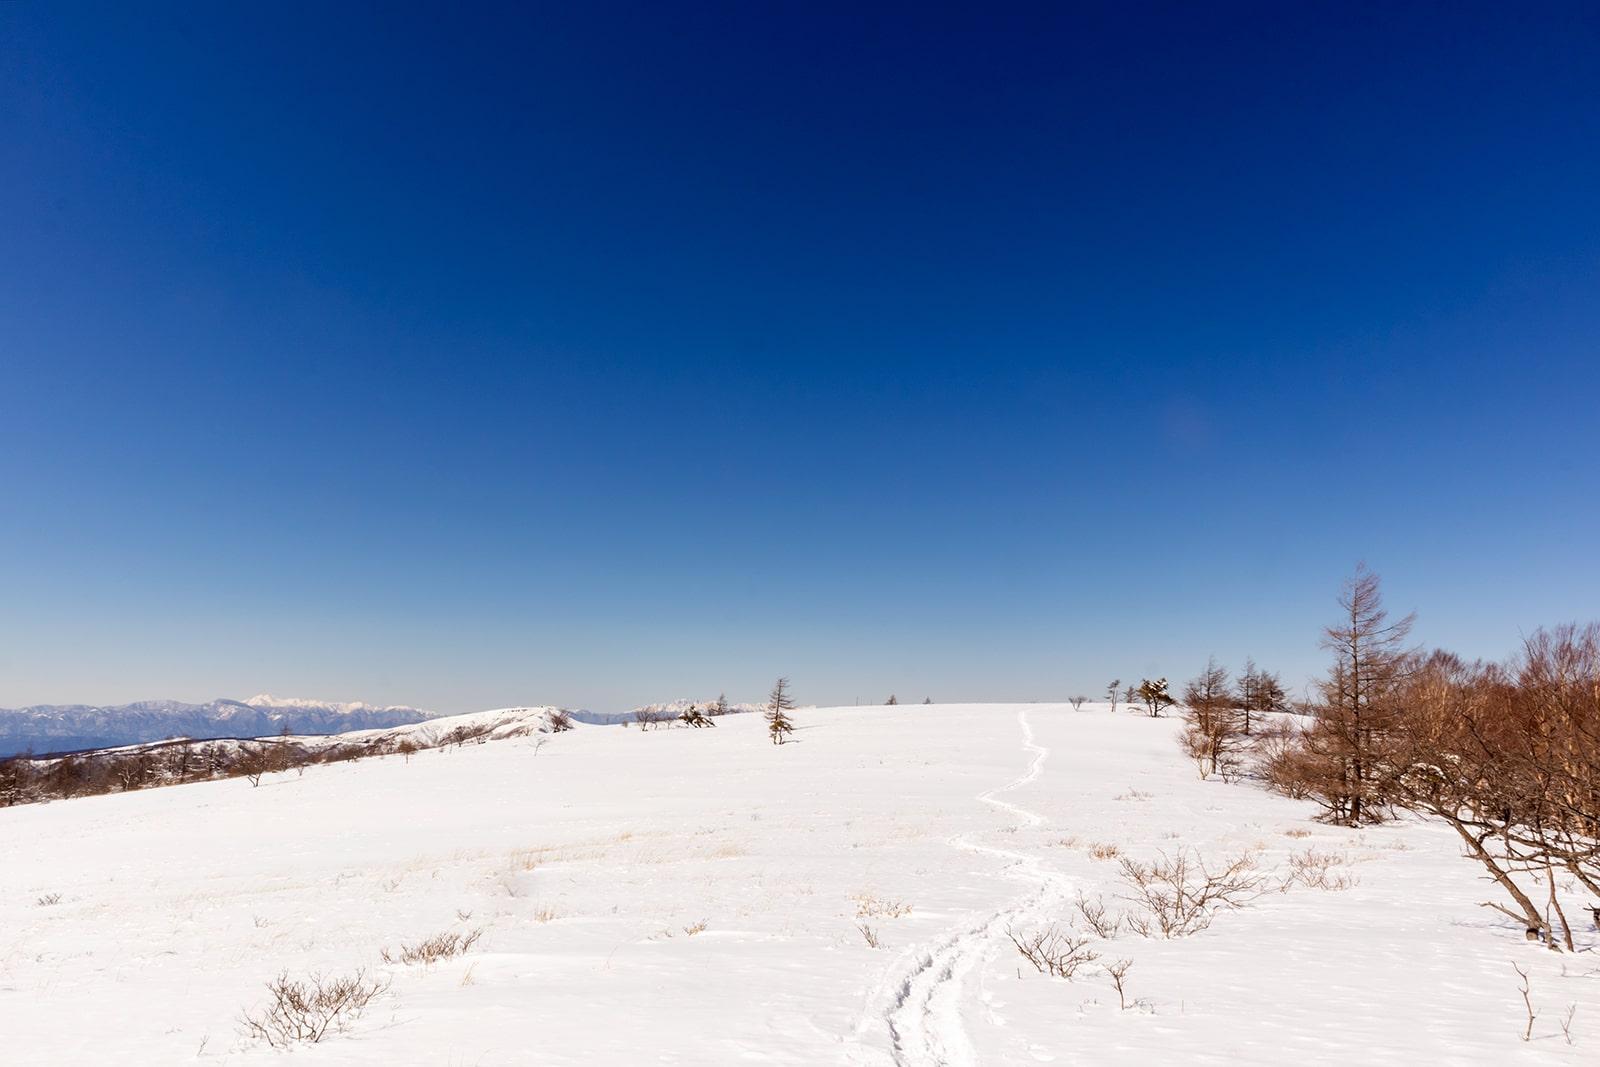 長野県でスノートレッキングをするのにおすすめの八子ヶ峰コース。真っ白く続く雪原に残るひとすじの道。